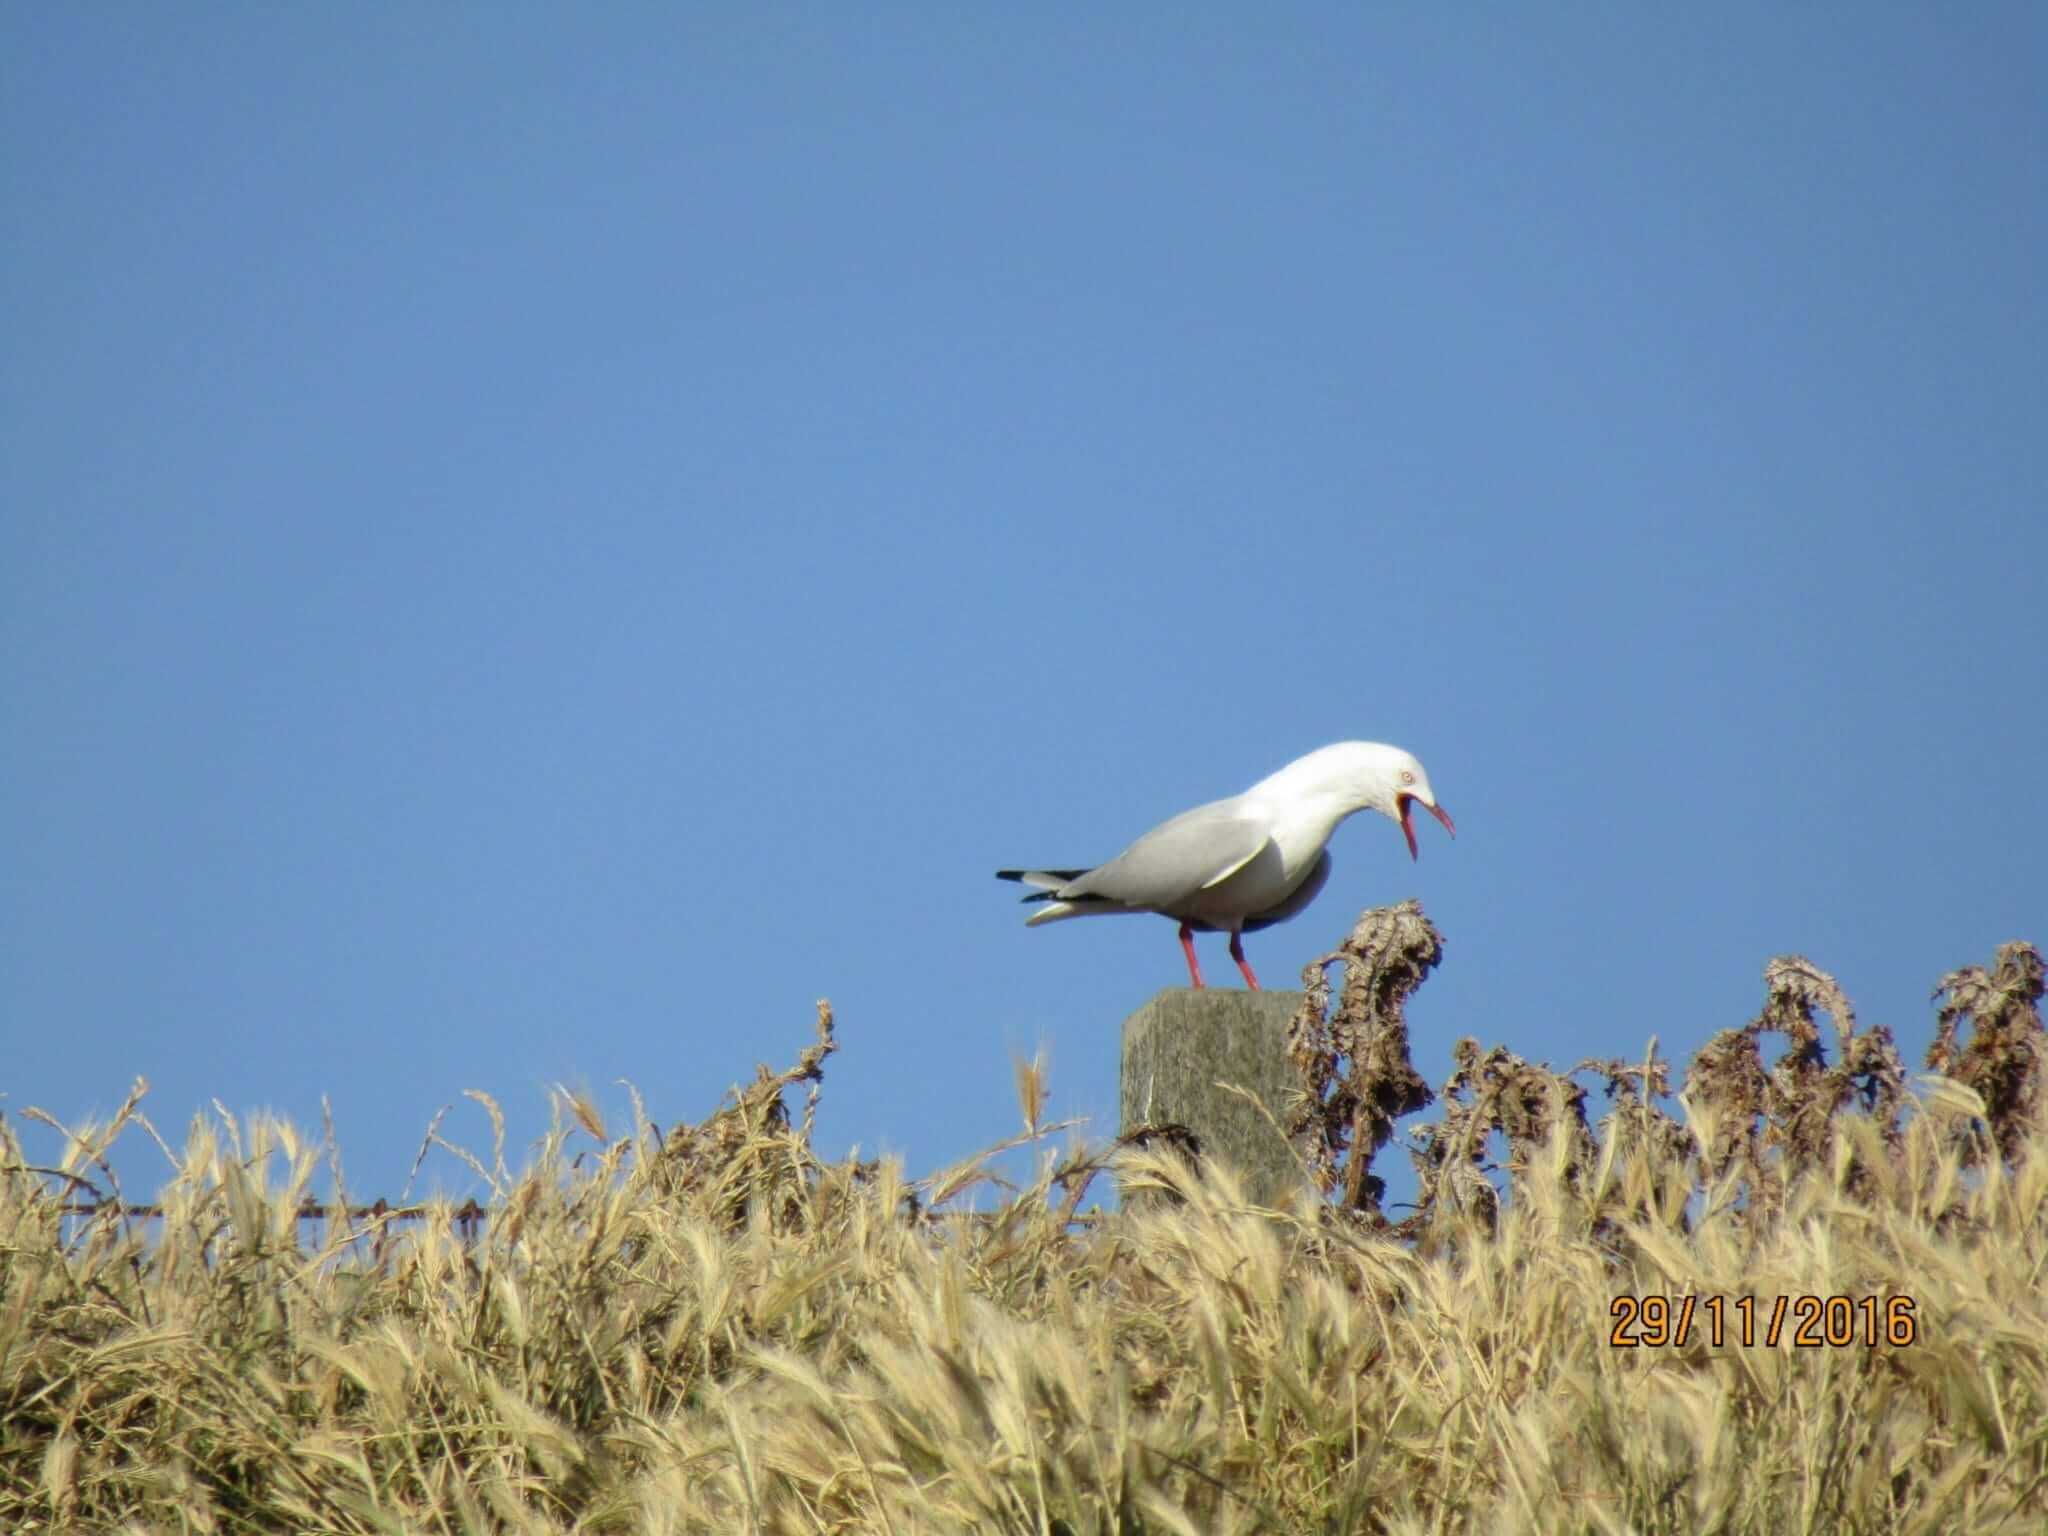 SEABIRD BEING LOUD BY DILANTHA GUNAWARDANA